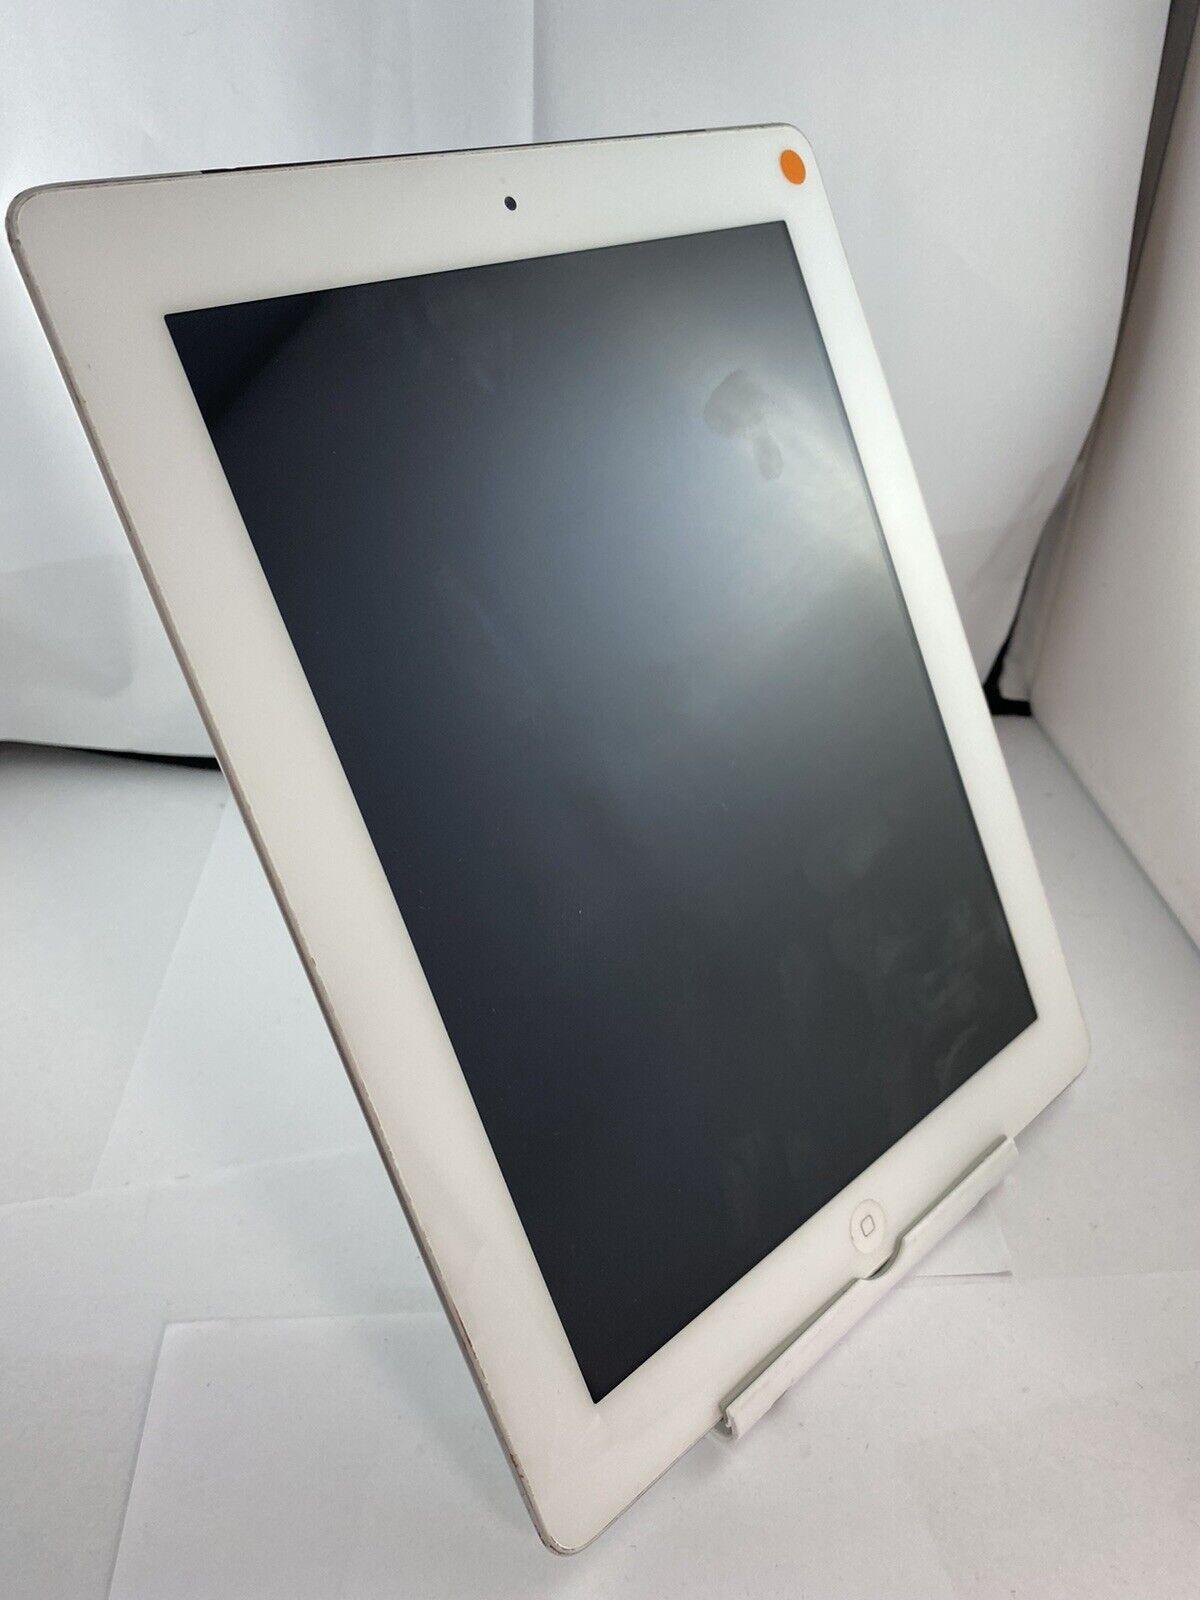 iPad: Apple iPad 2 A1396 Unlocked 16GB Silver IOS Tablet Grade B